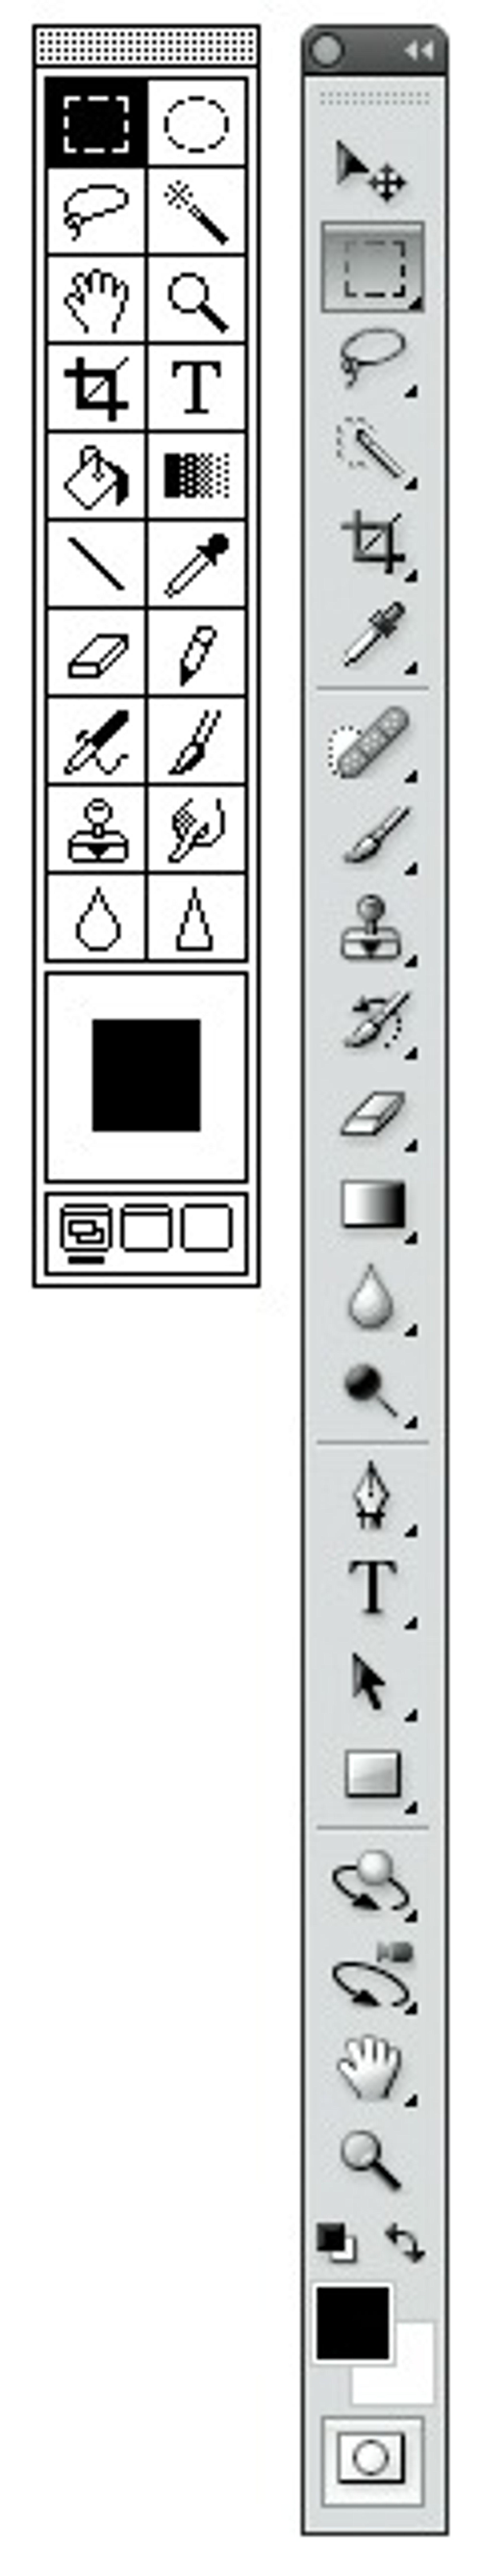 Verktøylinjene til Adobe Photoshop 1.0 (til venstre) og CS4